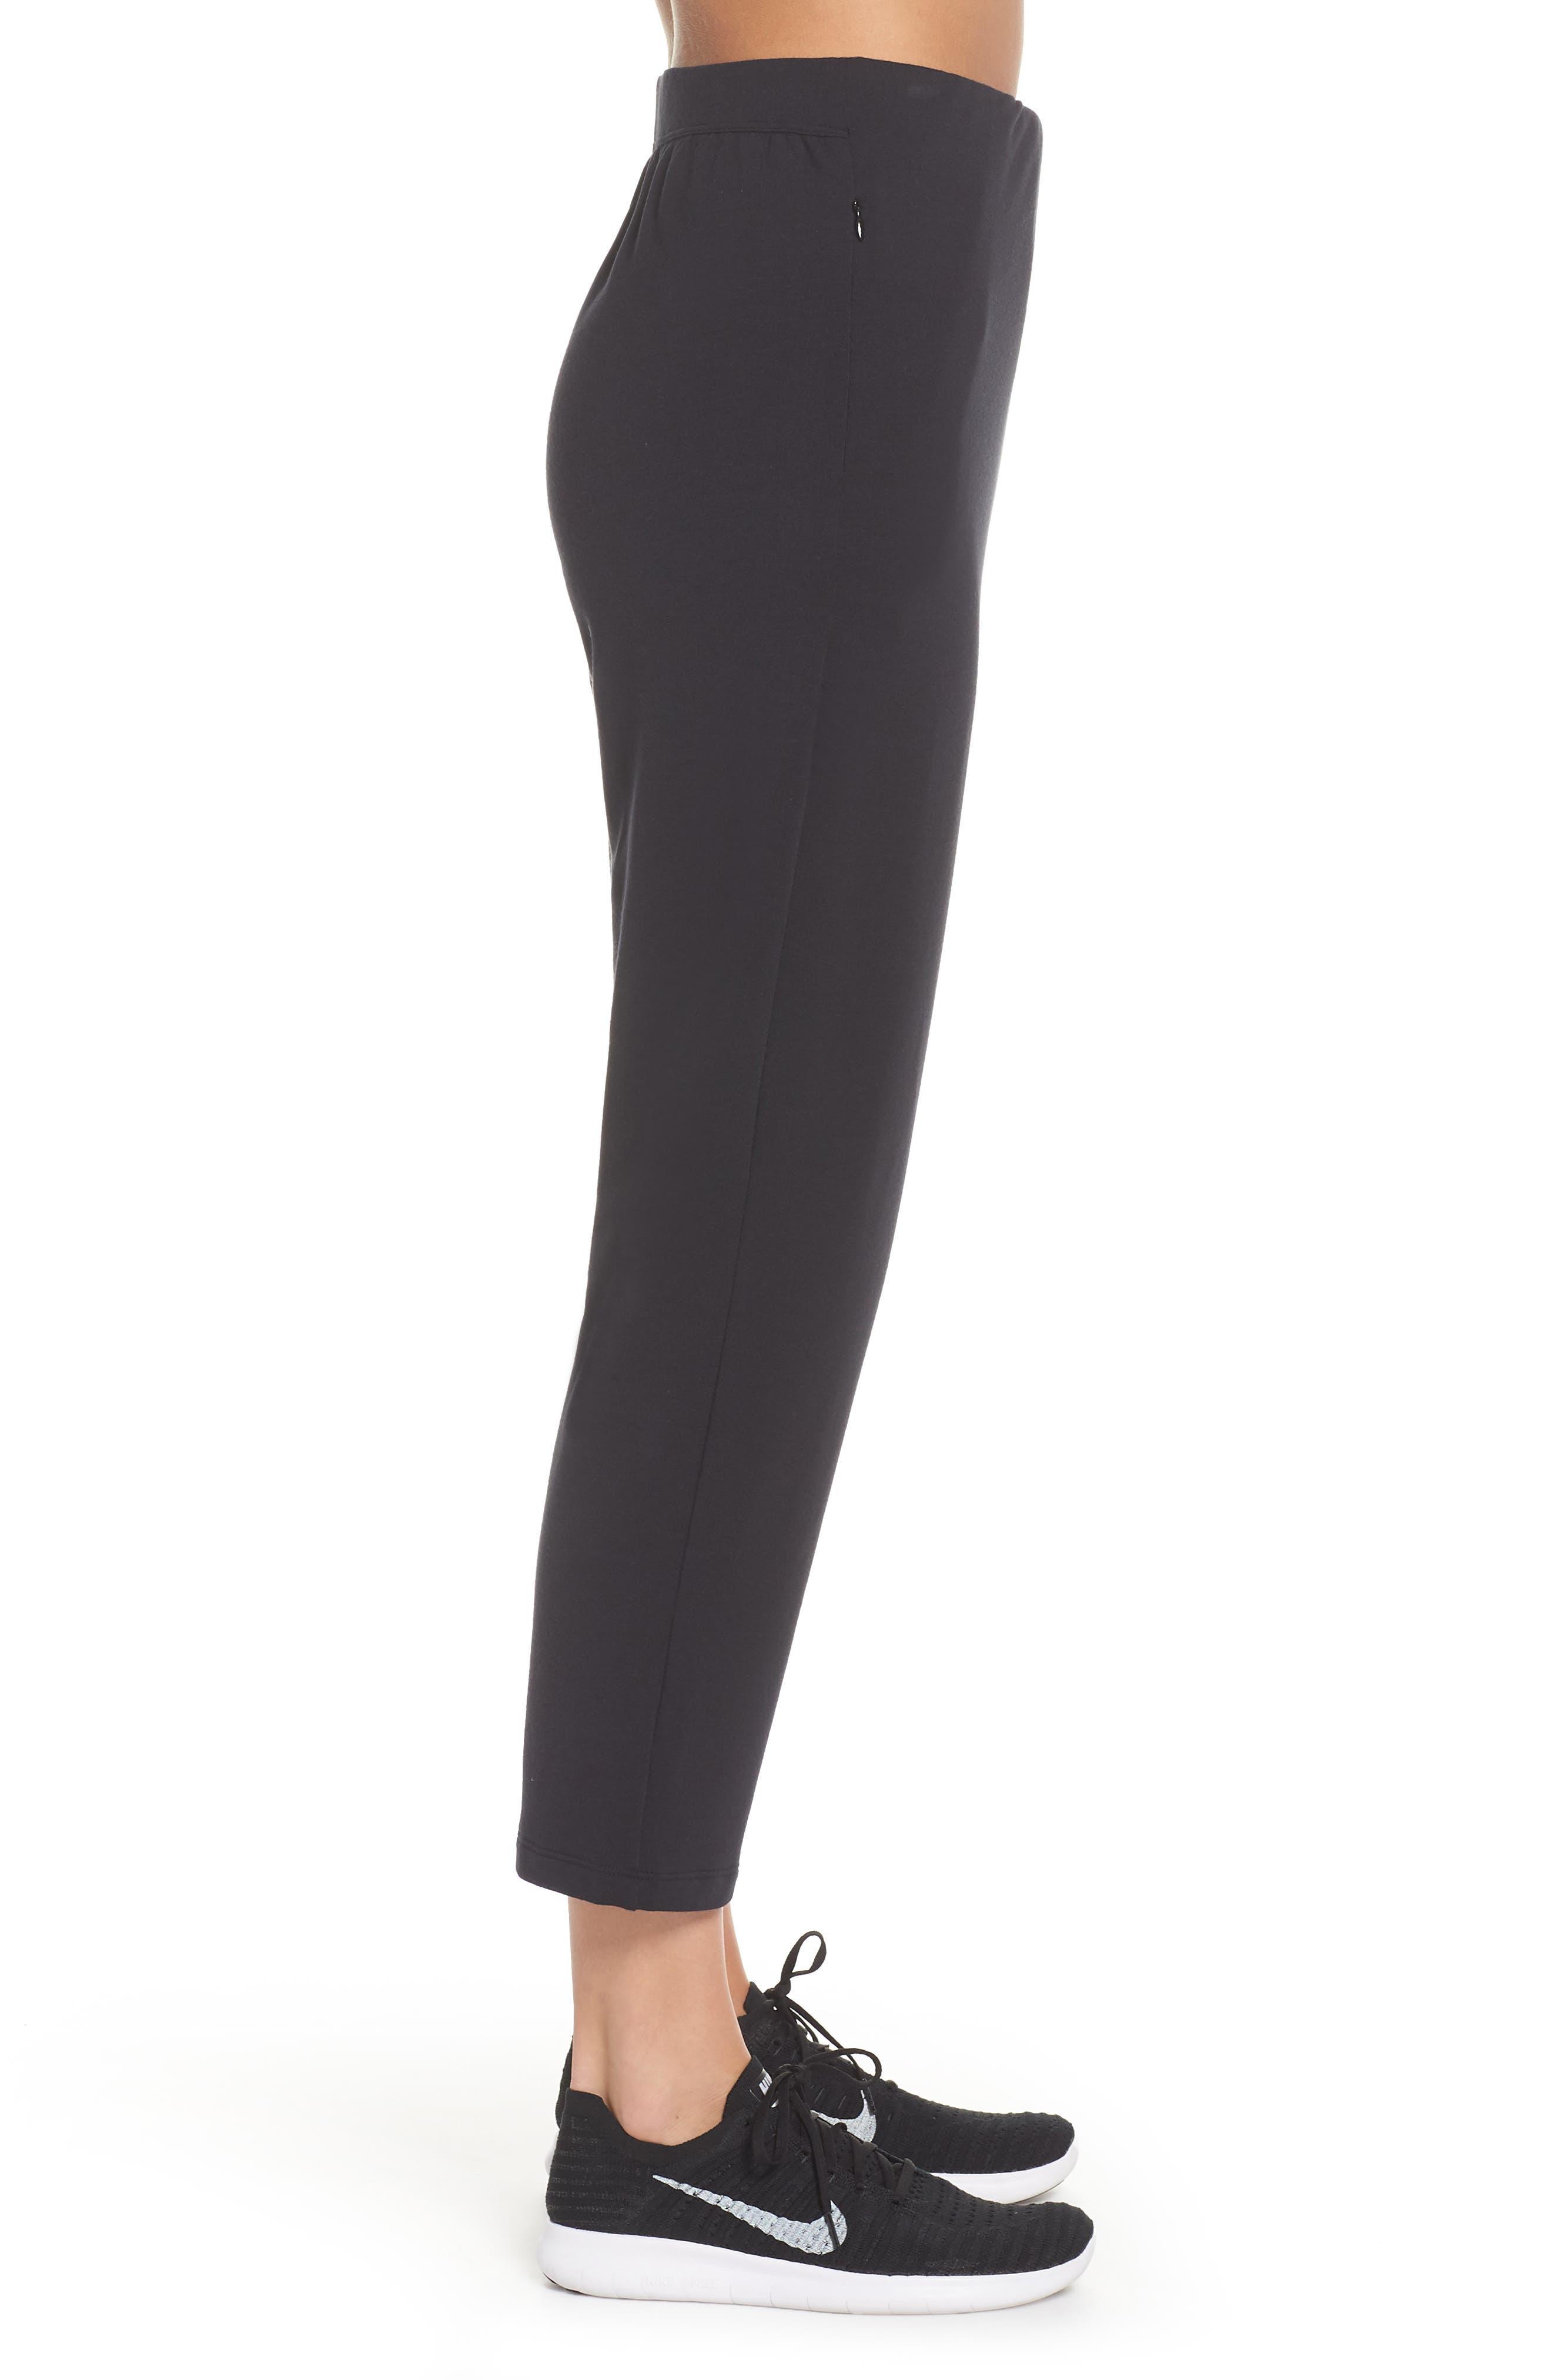 NIKE,                             Dry Studio Training Pants,                             Alternate thumbnail 3, color,                             BLACK/ BLACK